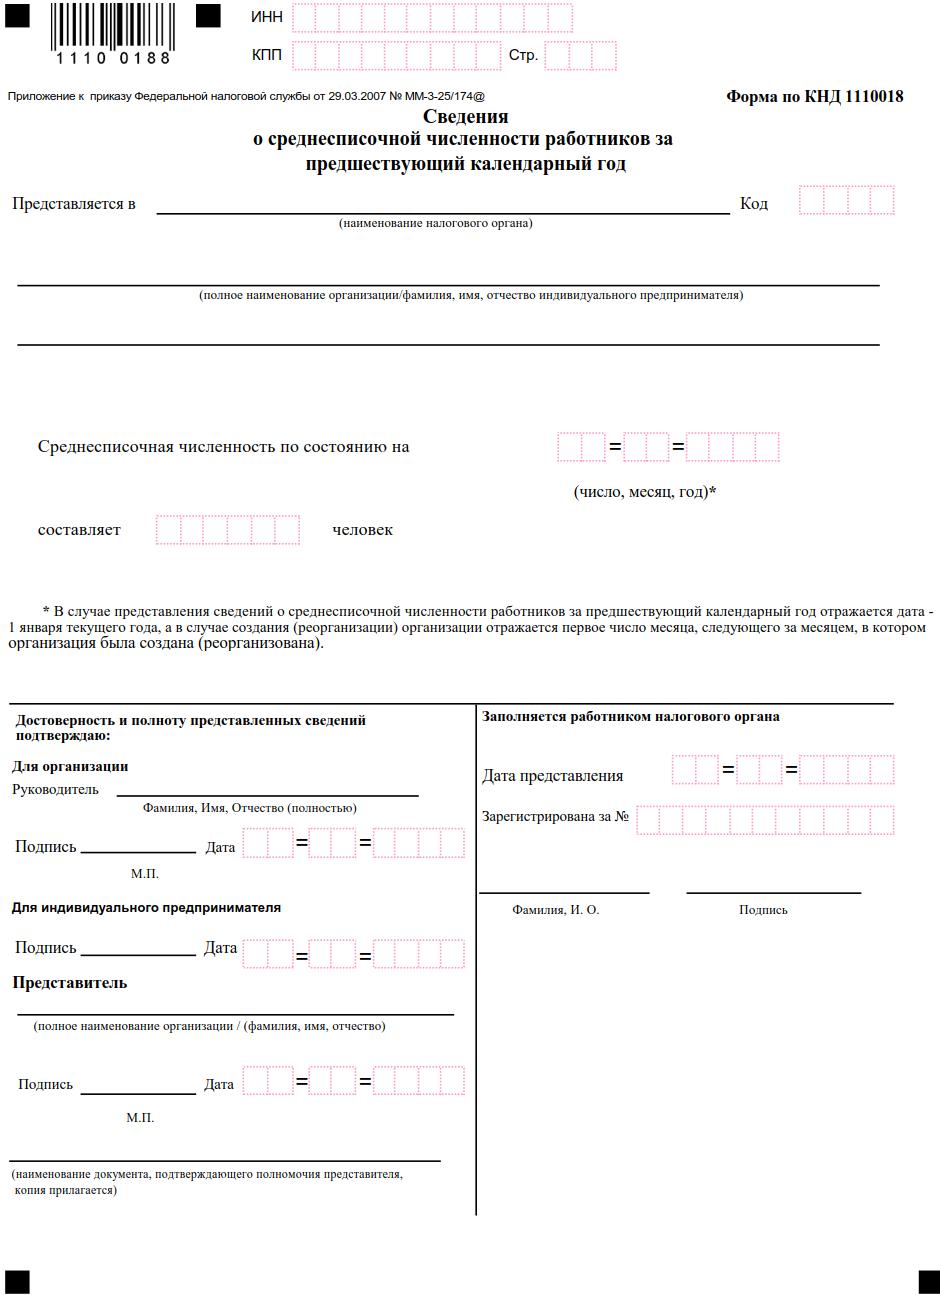 После регистрации ип подать среднесписочную численность после коды регистрации ип в беларуси